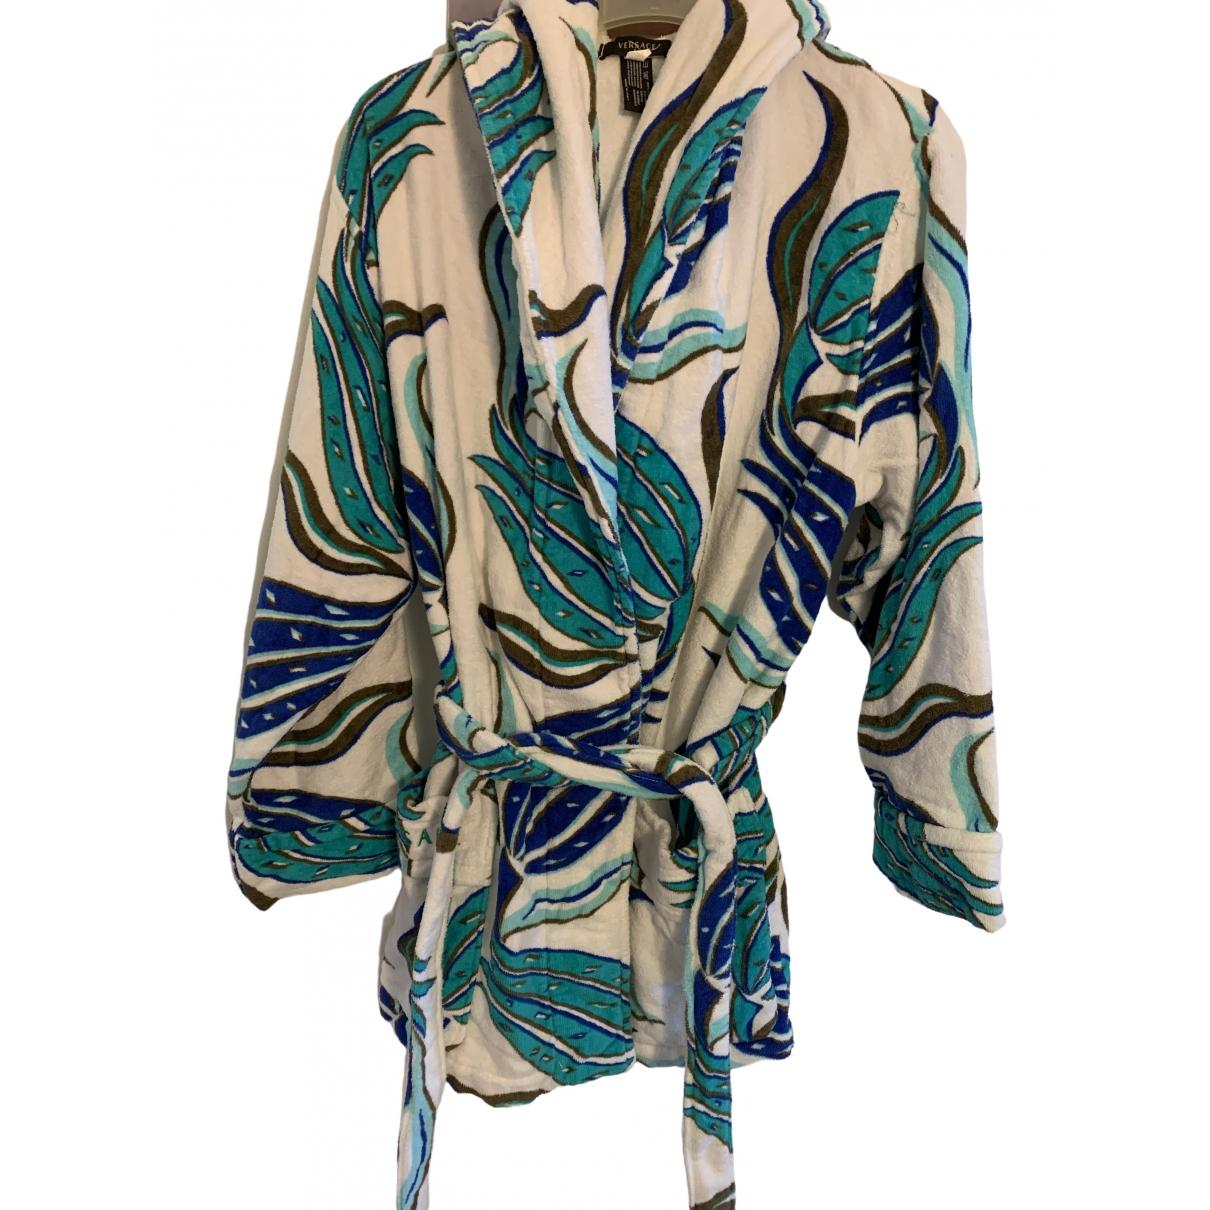 Textil de hogar Gianni Versace